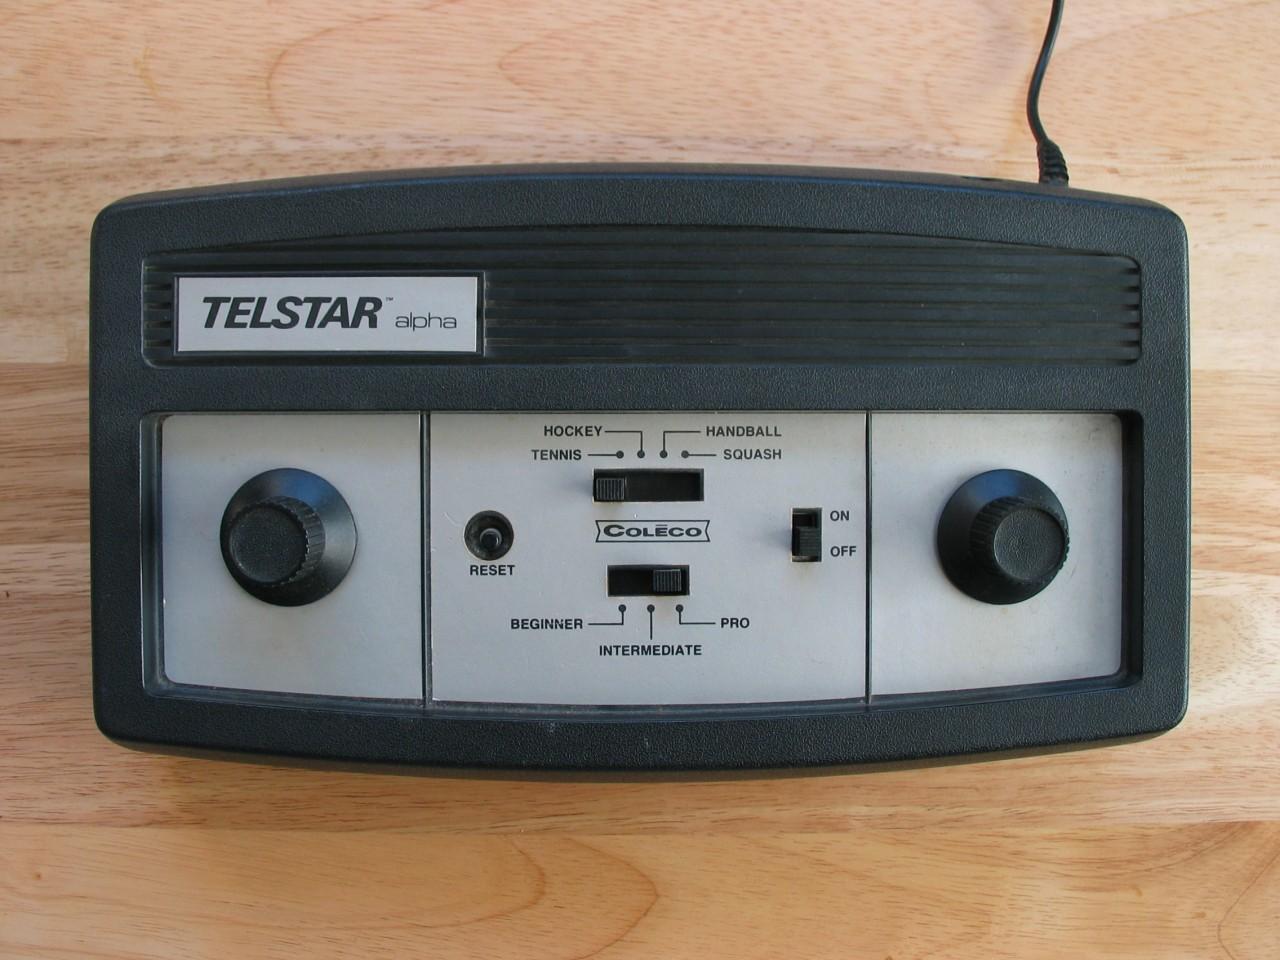 3. Coleco Telstar Игровые приставки, игры, компьютеры, технологии